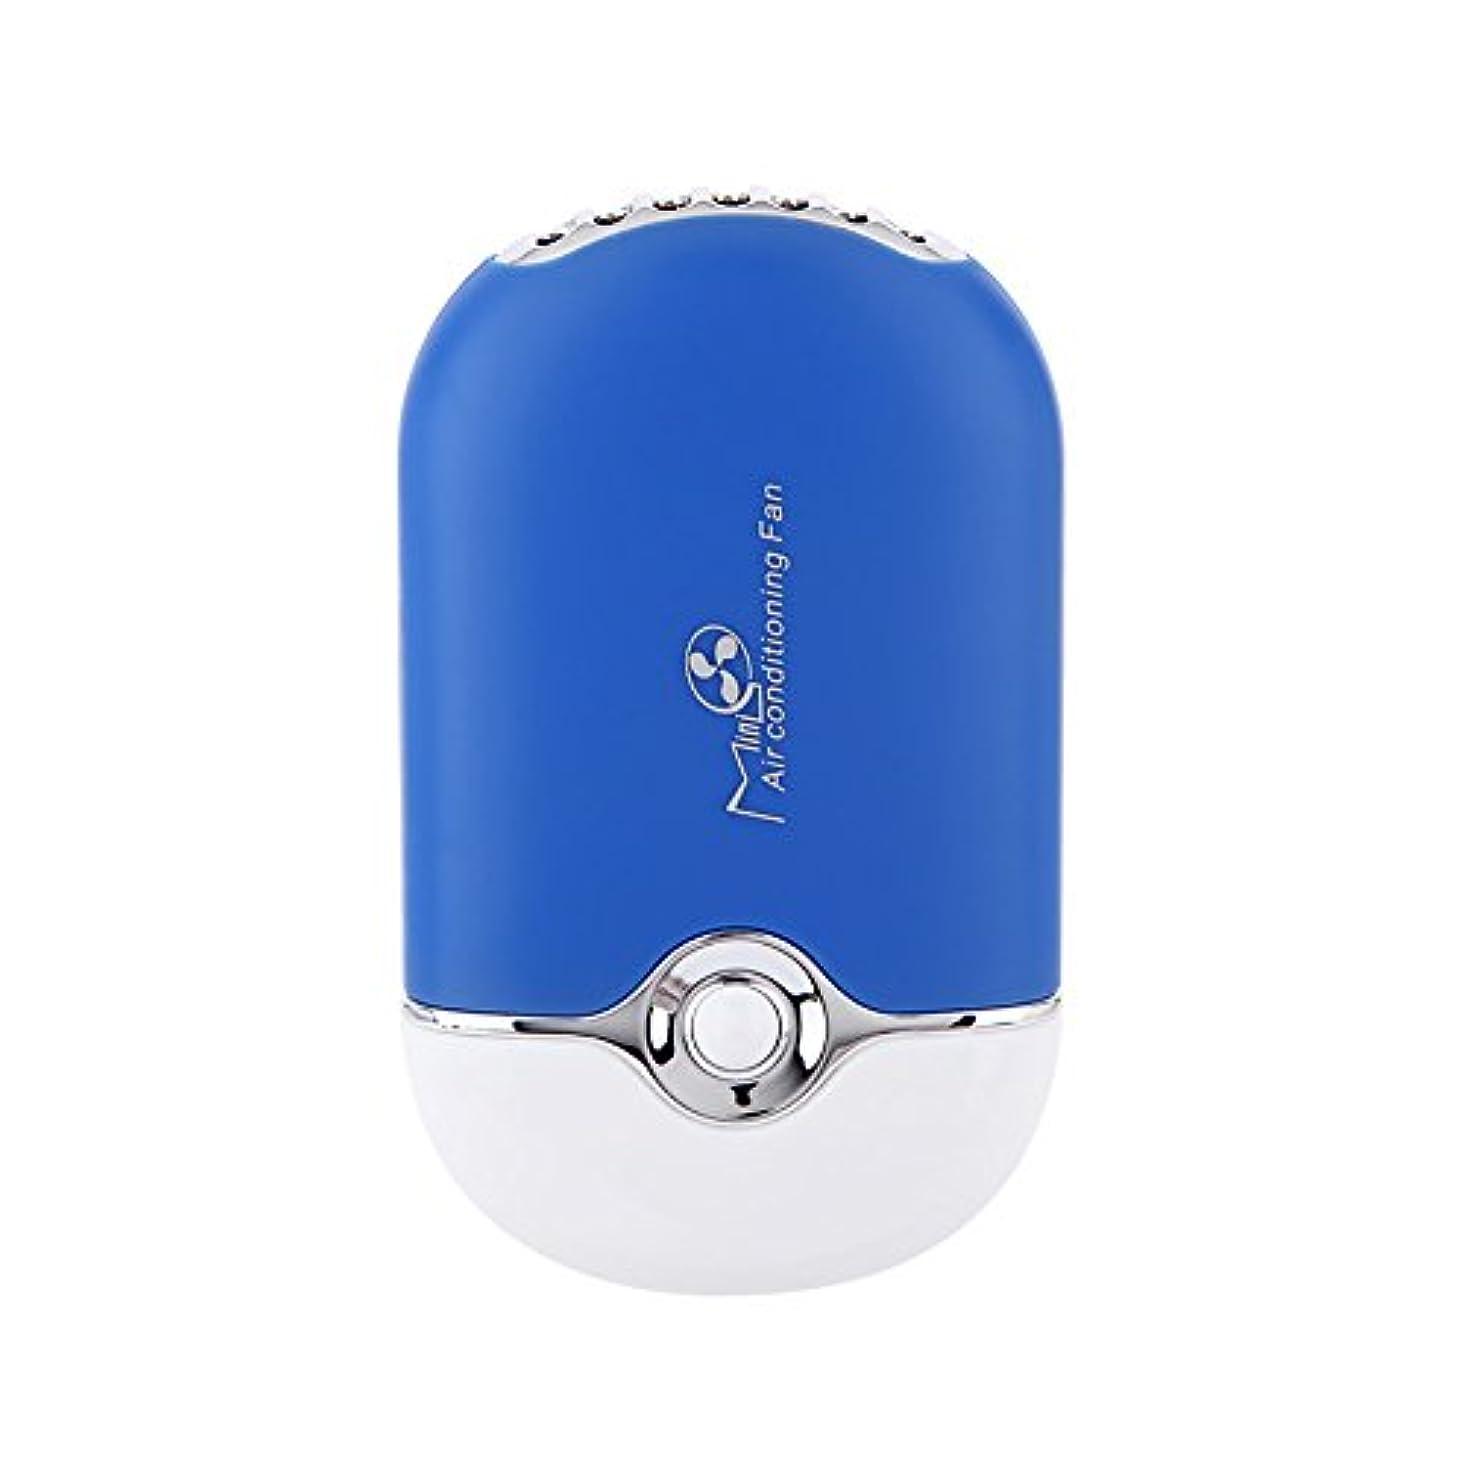 フリースアプローチ慣れるMengshen まつ毛ドライヤー くぎ ネイルドライヤー ハンドヘルドクイックドライヤー まつげエクステ用 USB ミニファンブロワー 速乾性 F015 Blue